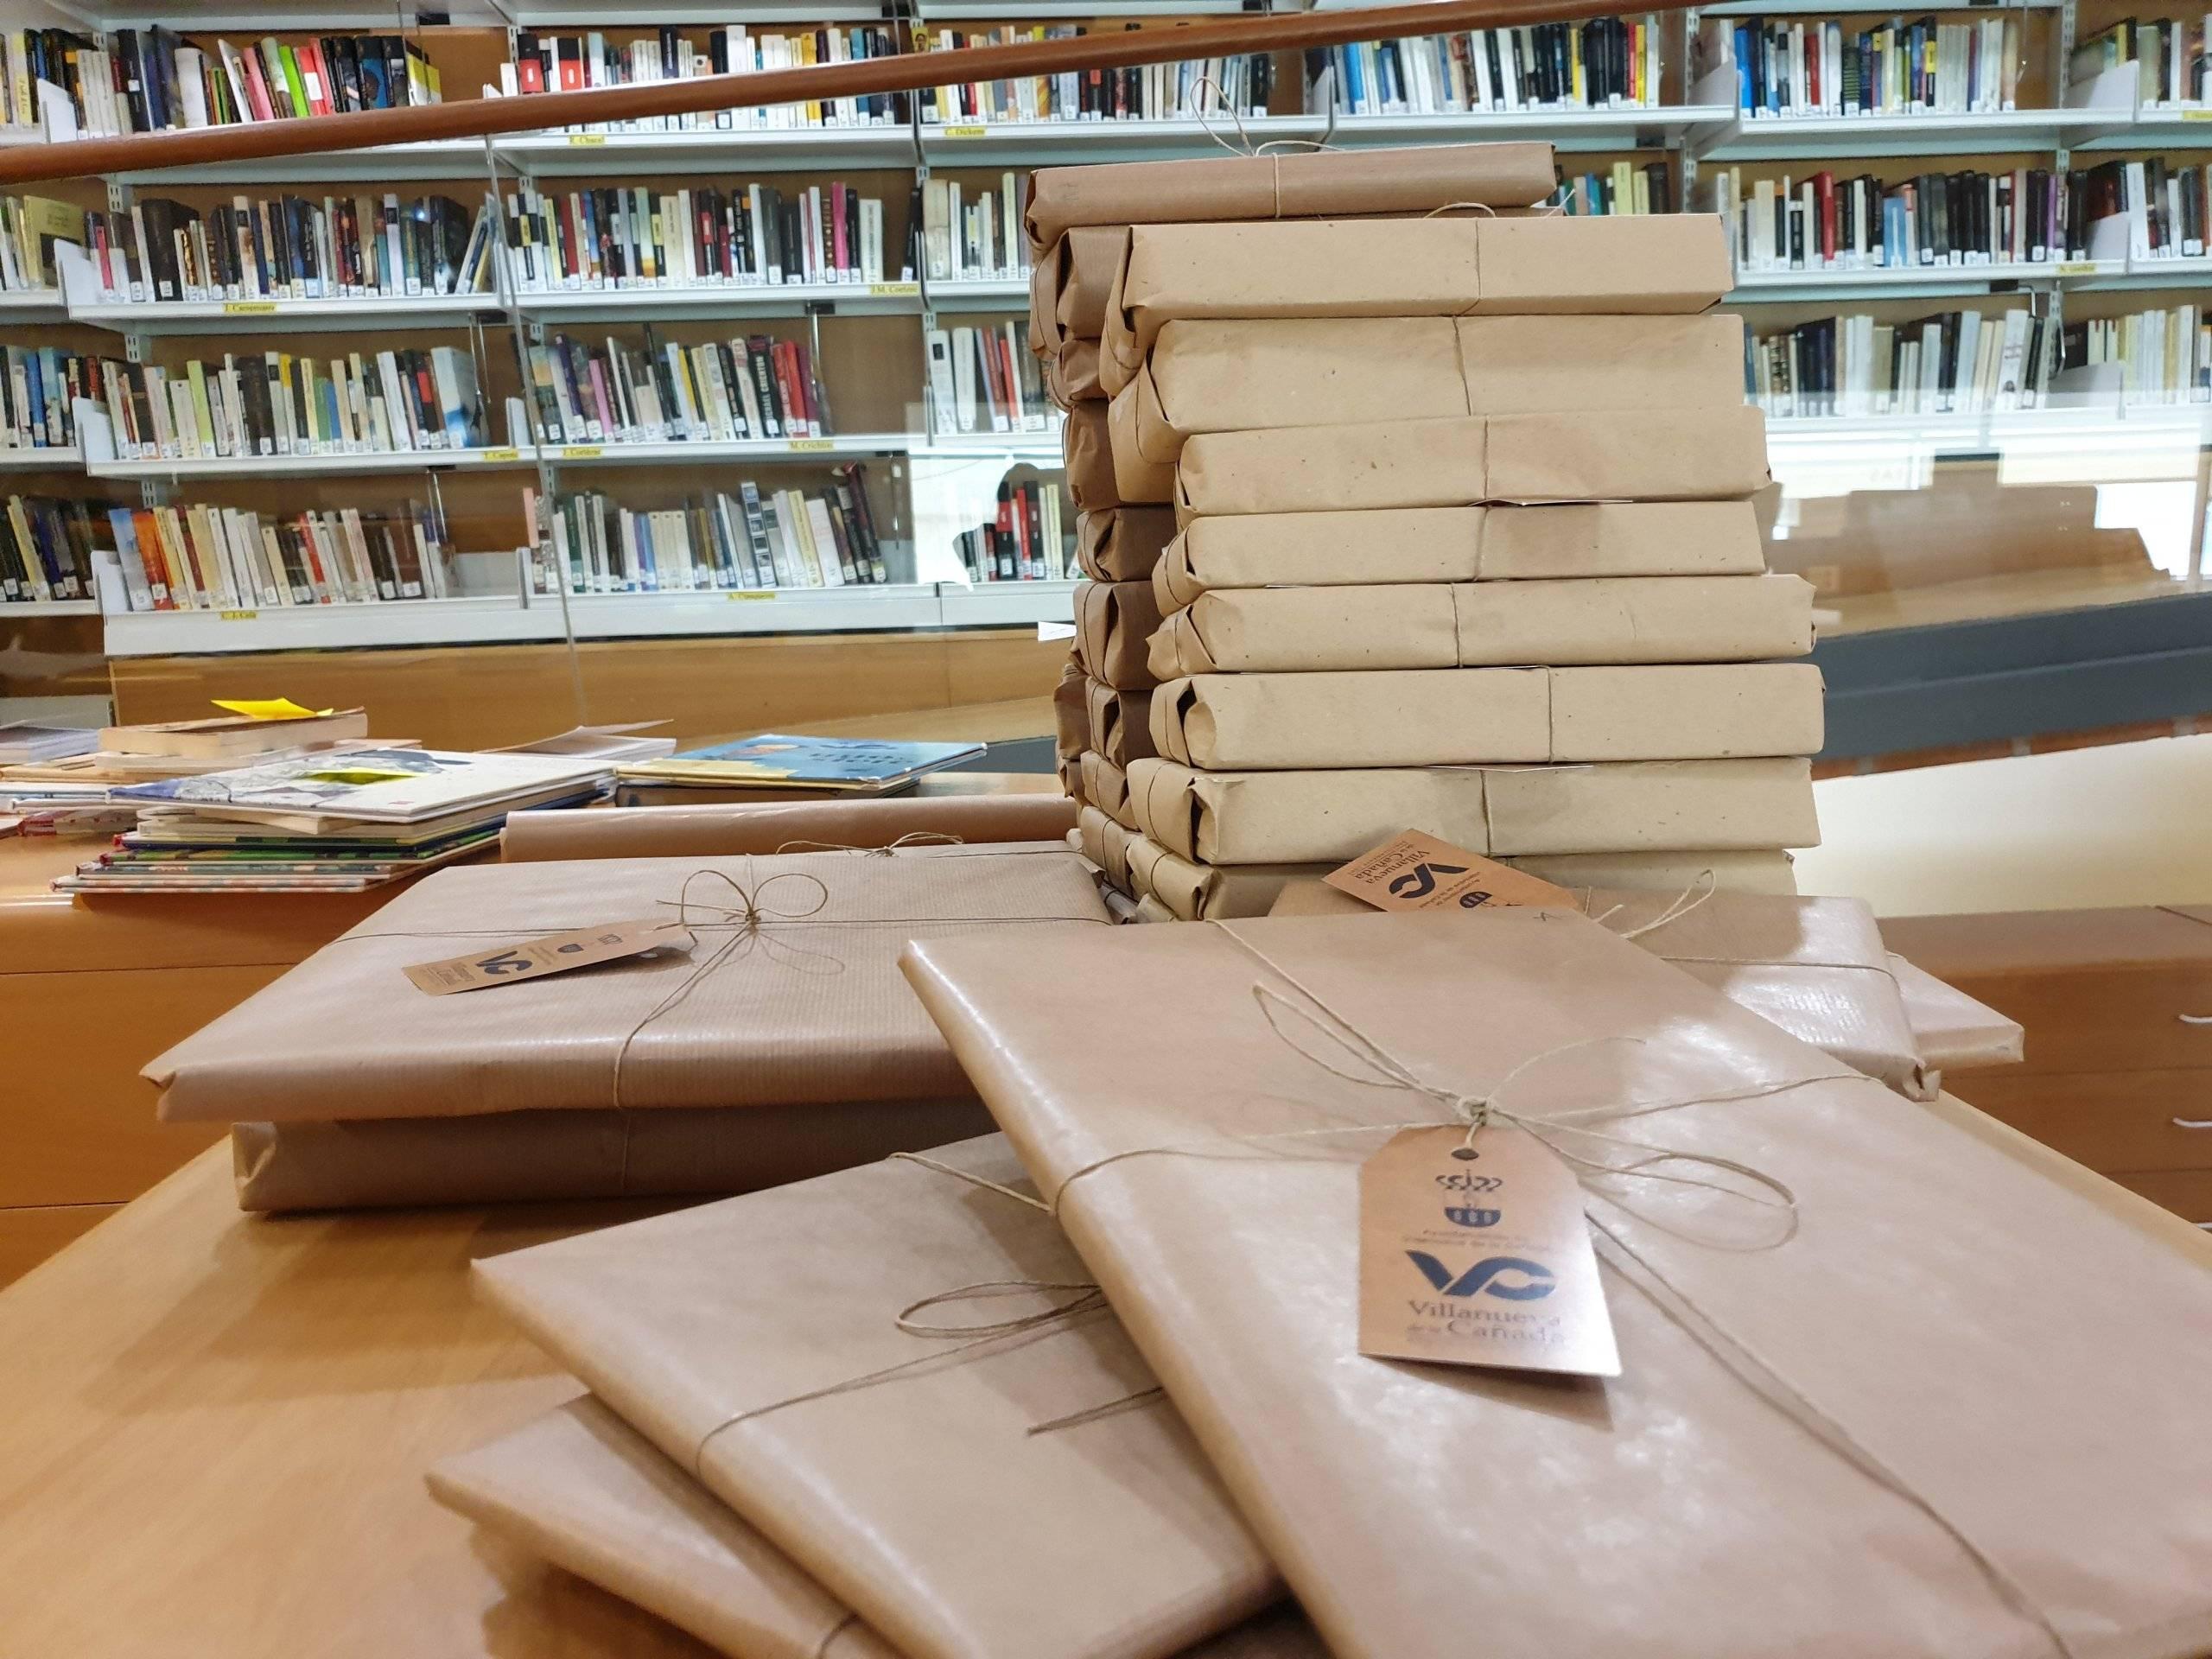 Libros sorpresa para celebrar el Día de la Biblioteca.